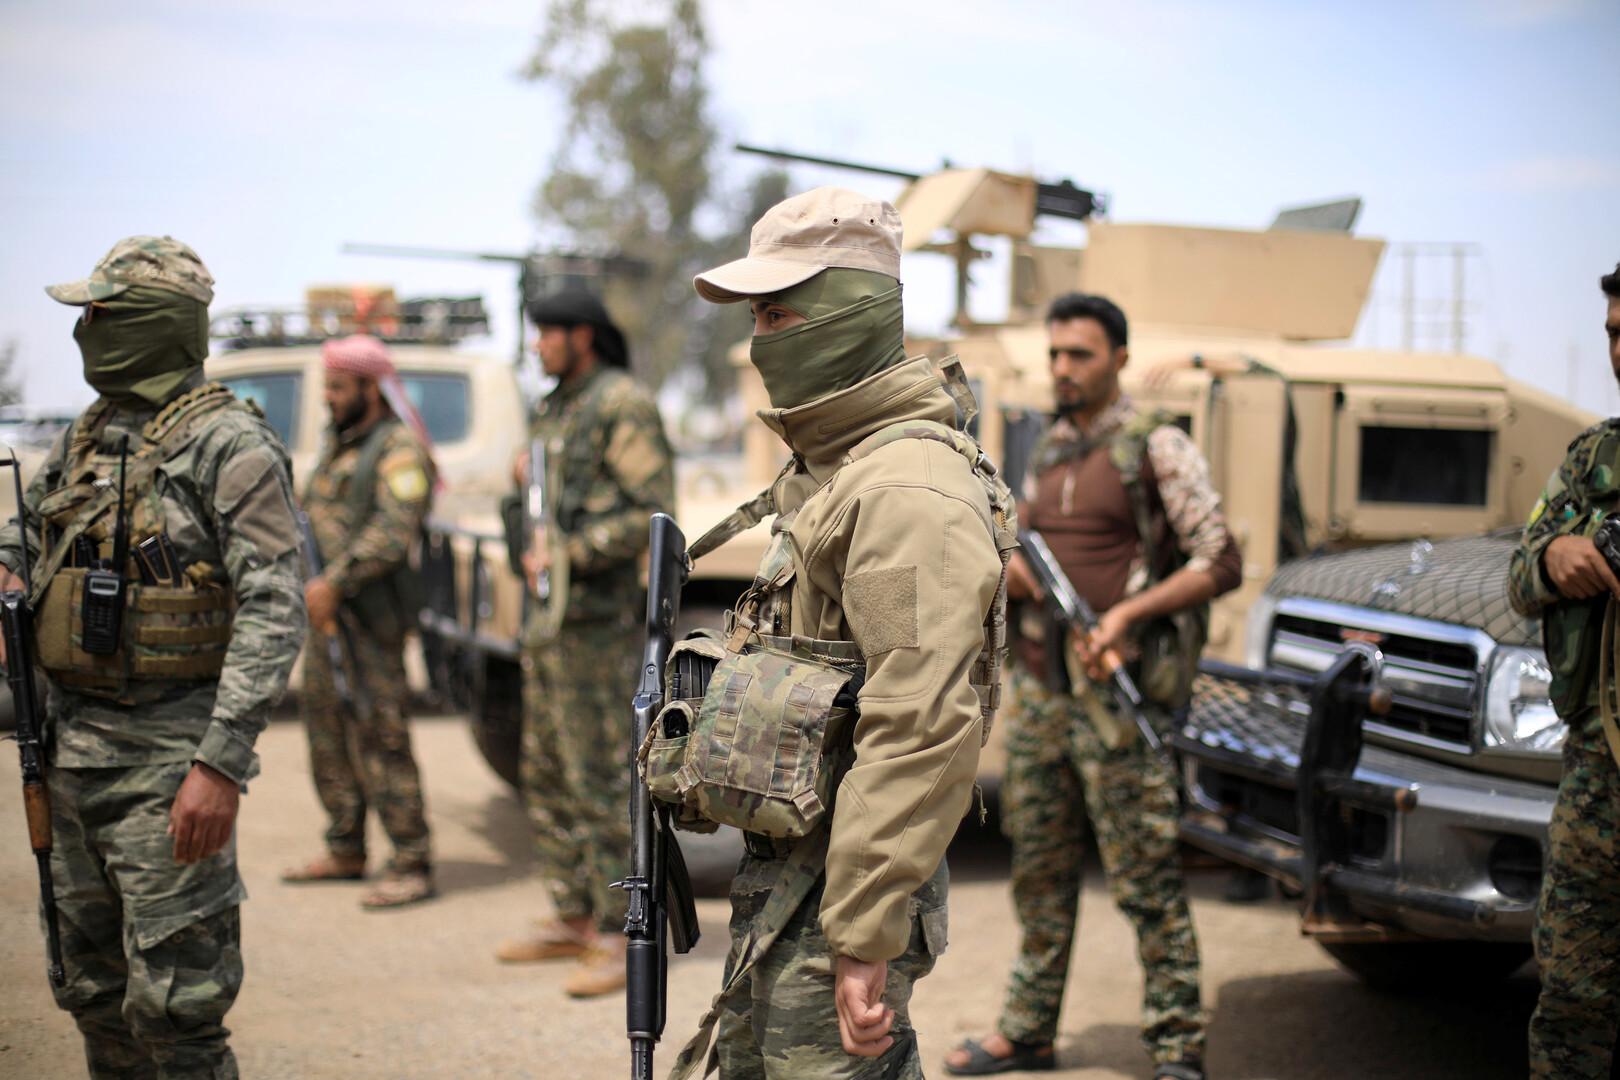 نشطاء سوريون: 15 قتيلا حصيلة اشتباكات المقاتلين الأكراد والفصائل الموالية لتركيا